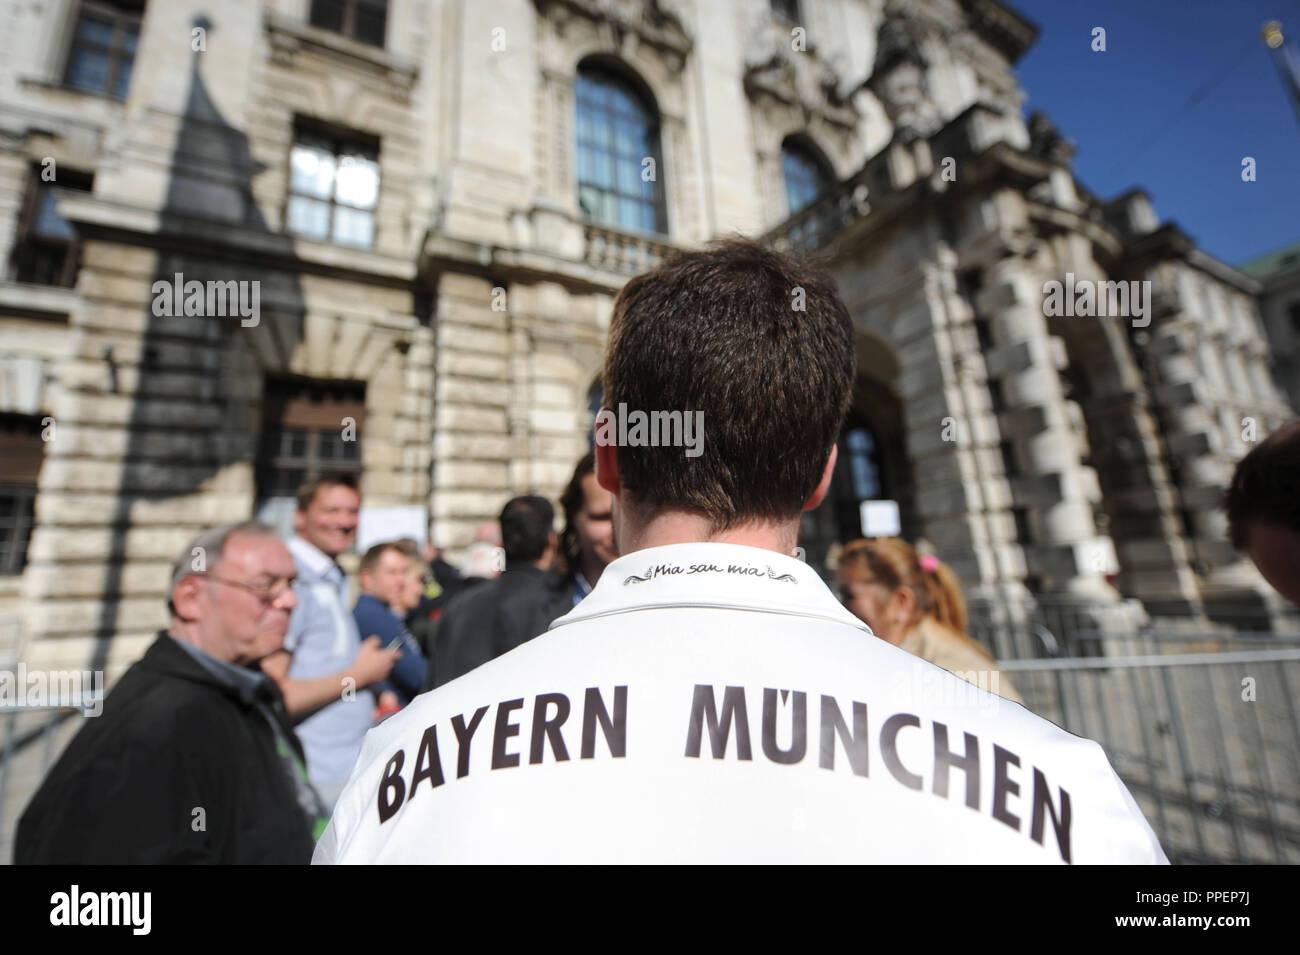 Un ventilador del FC Bayern de Múnich espera en frente del Palacio de Justicia en la Prielmayerstrasse por el veredicto del juicio en contra de Uli Hoeness, quien tiene que responder a cargos por evasión de impuestos ante el tribunal de distrito II. Imagen De Stock